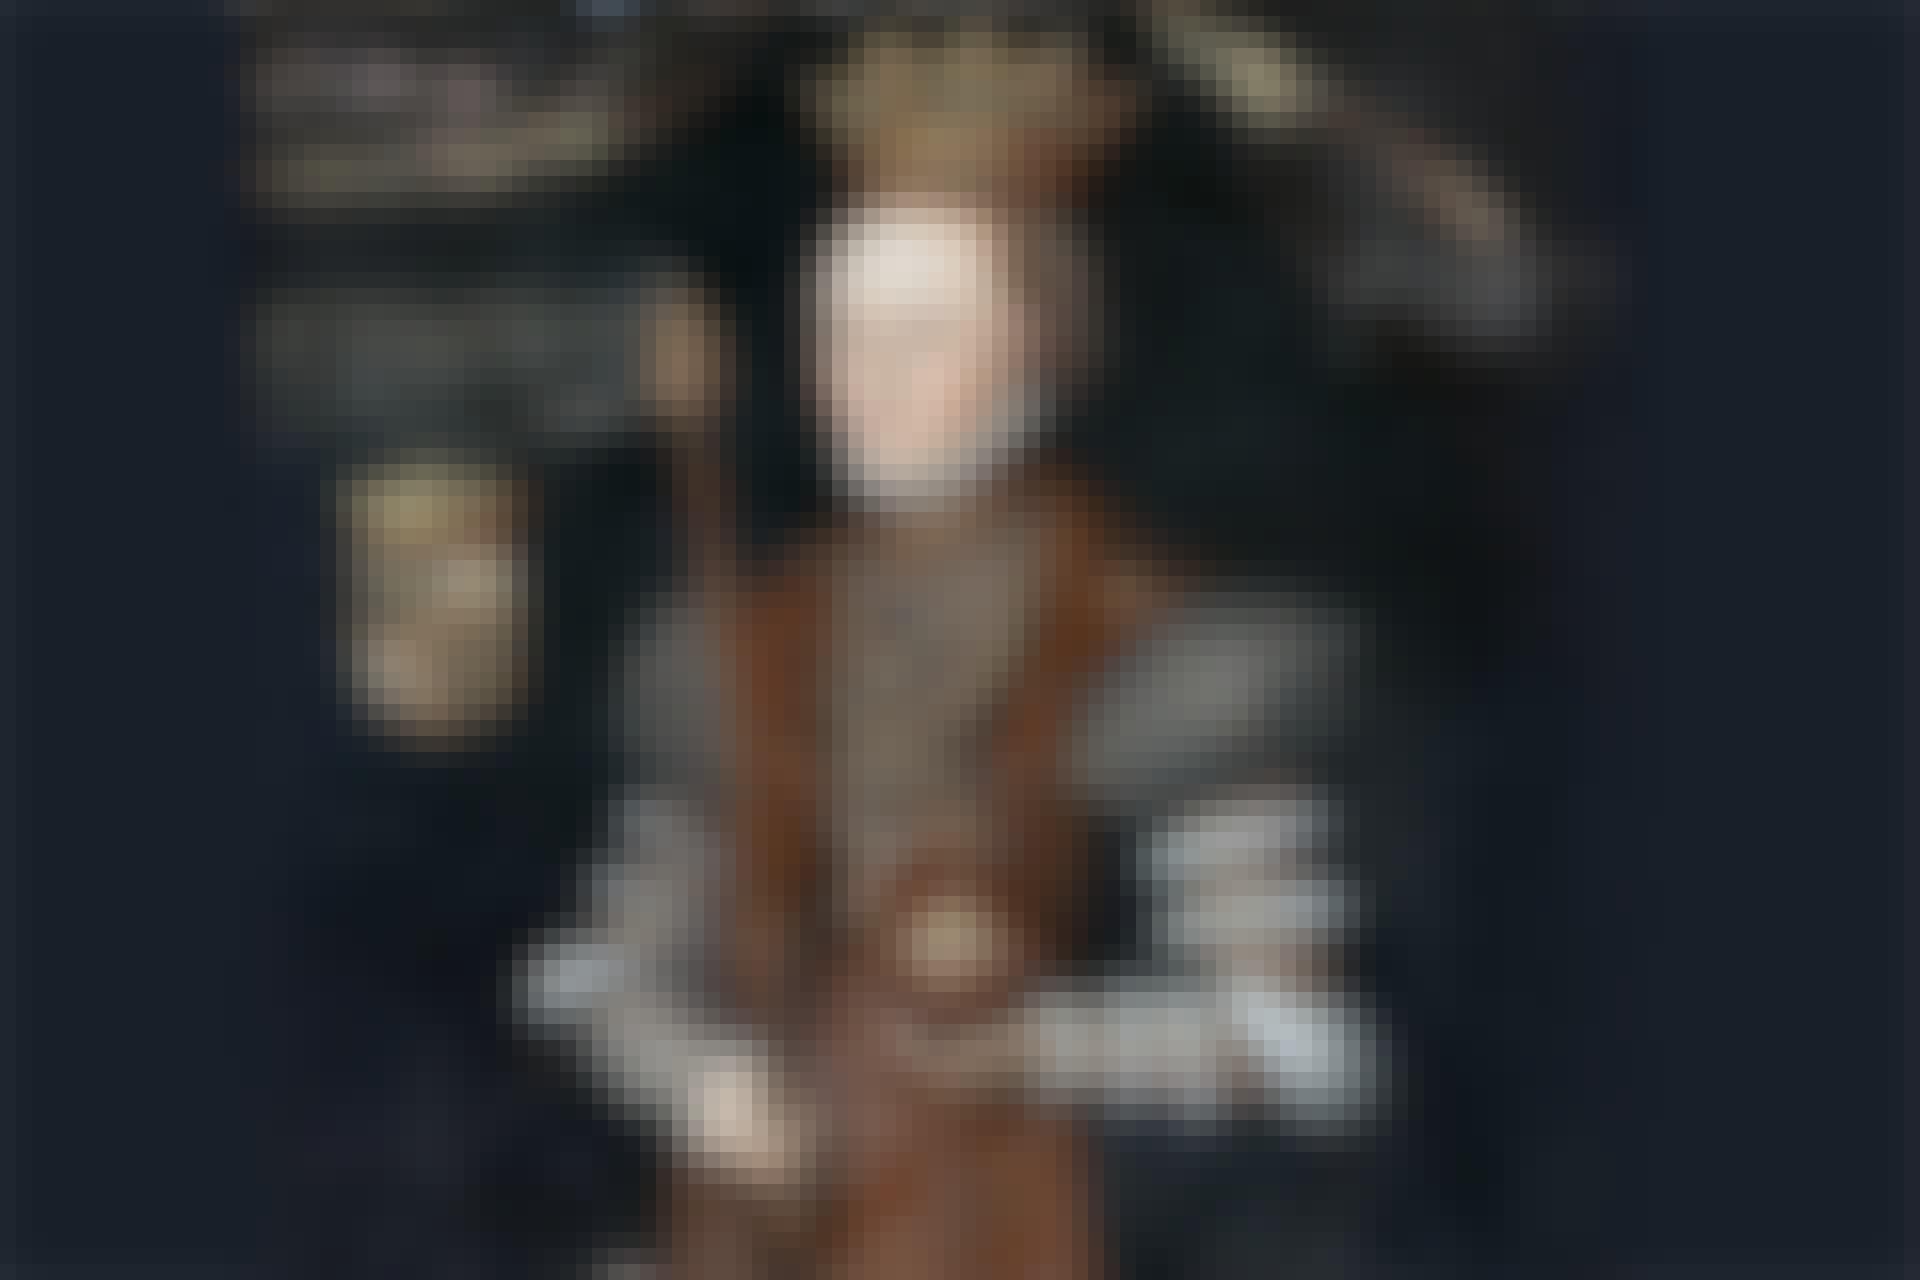 Drottning Margareta, född Leijonhufvud, gift med Gustav Vasa, på ett samtida porträtt  av den nederländske konstnären Johan Baptista van Uther.